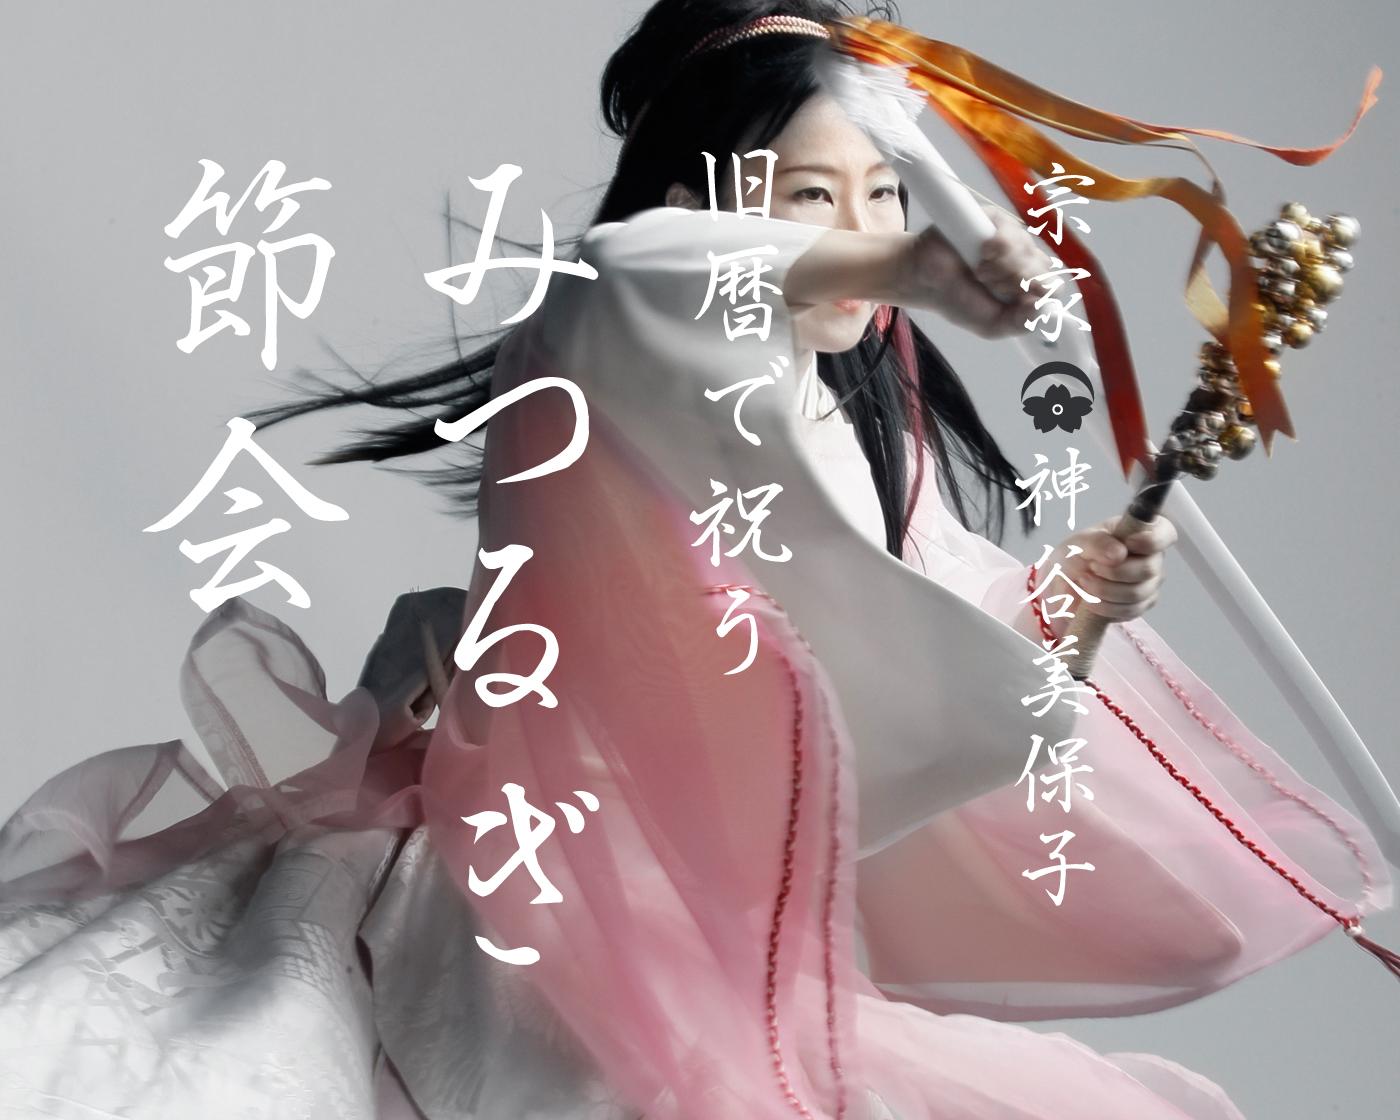 - The MoN 〜桜月流〜 - O-Getsu Ryu | 桜月流美劔道